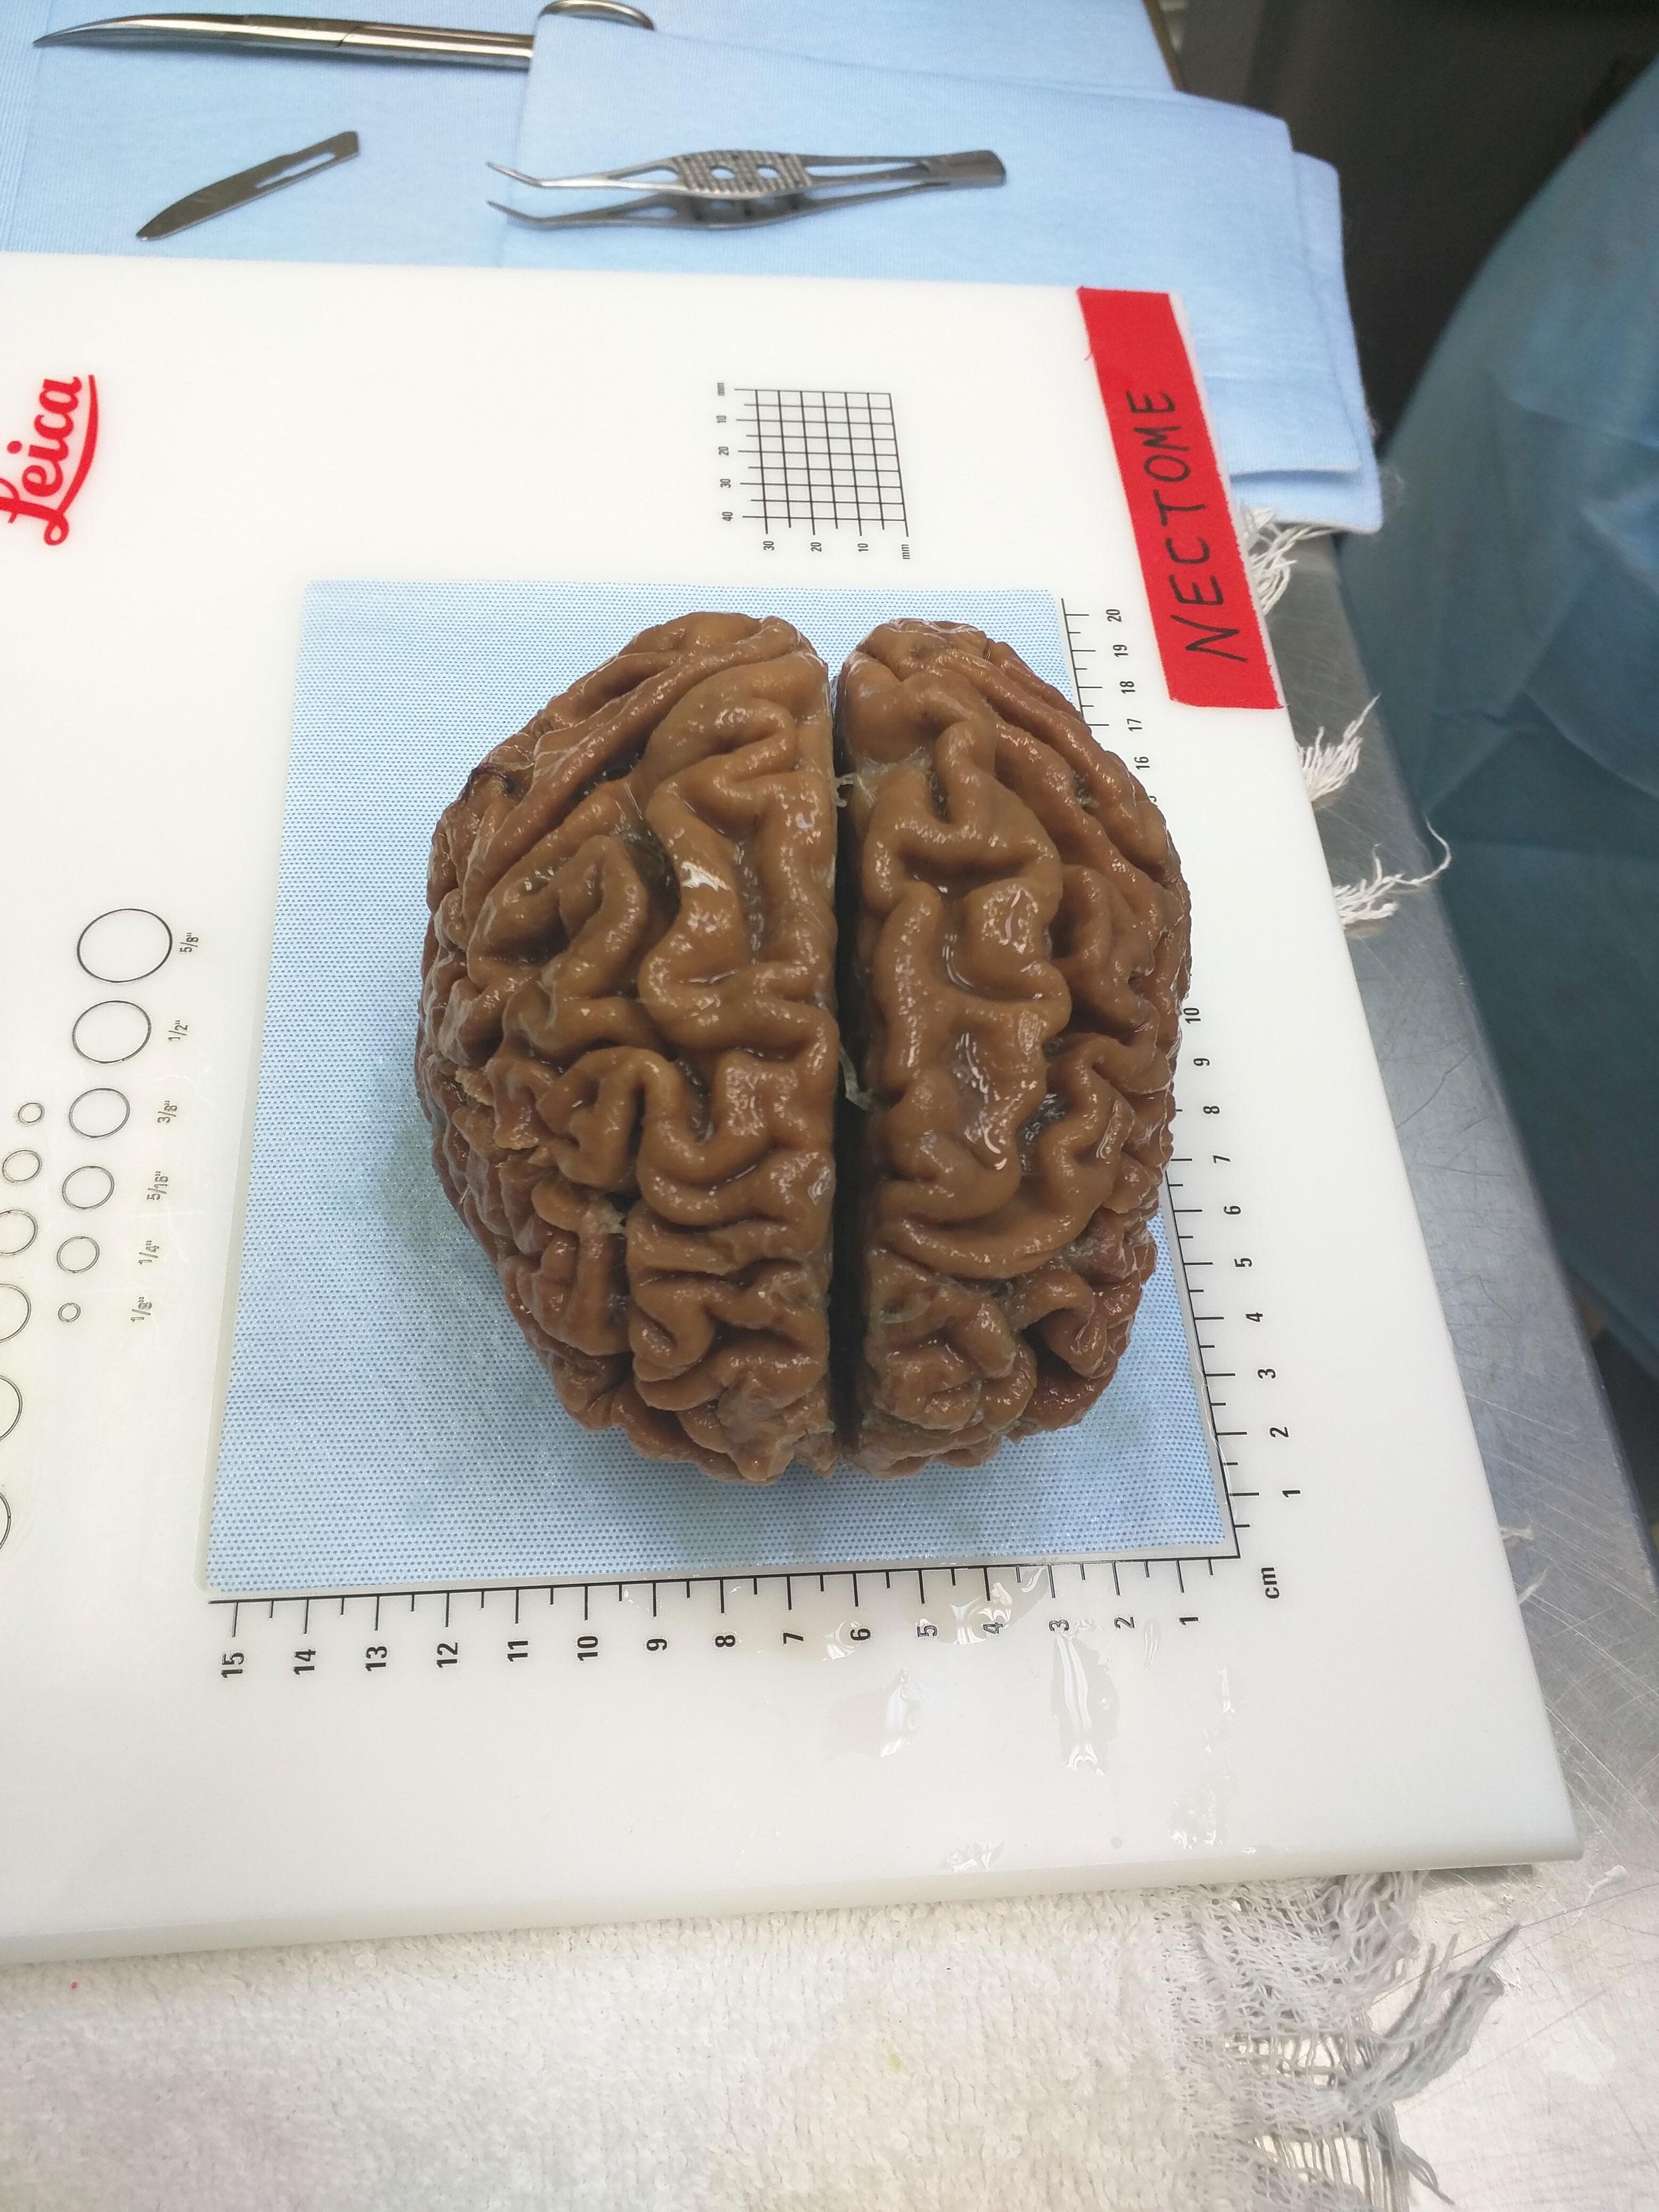 「生きた脳」の永久保存で 人類は不死を手に入れるのか